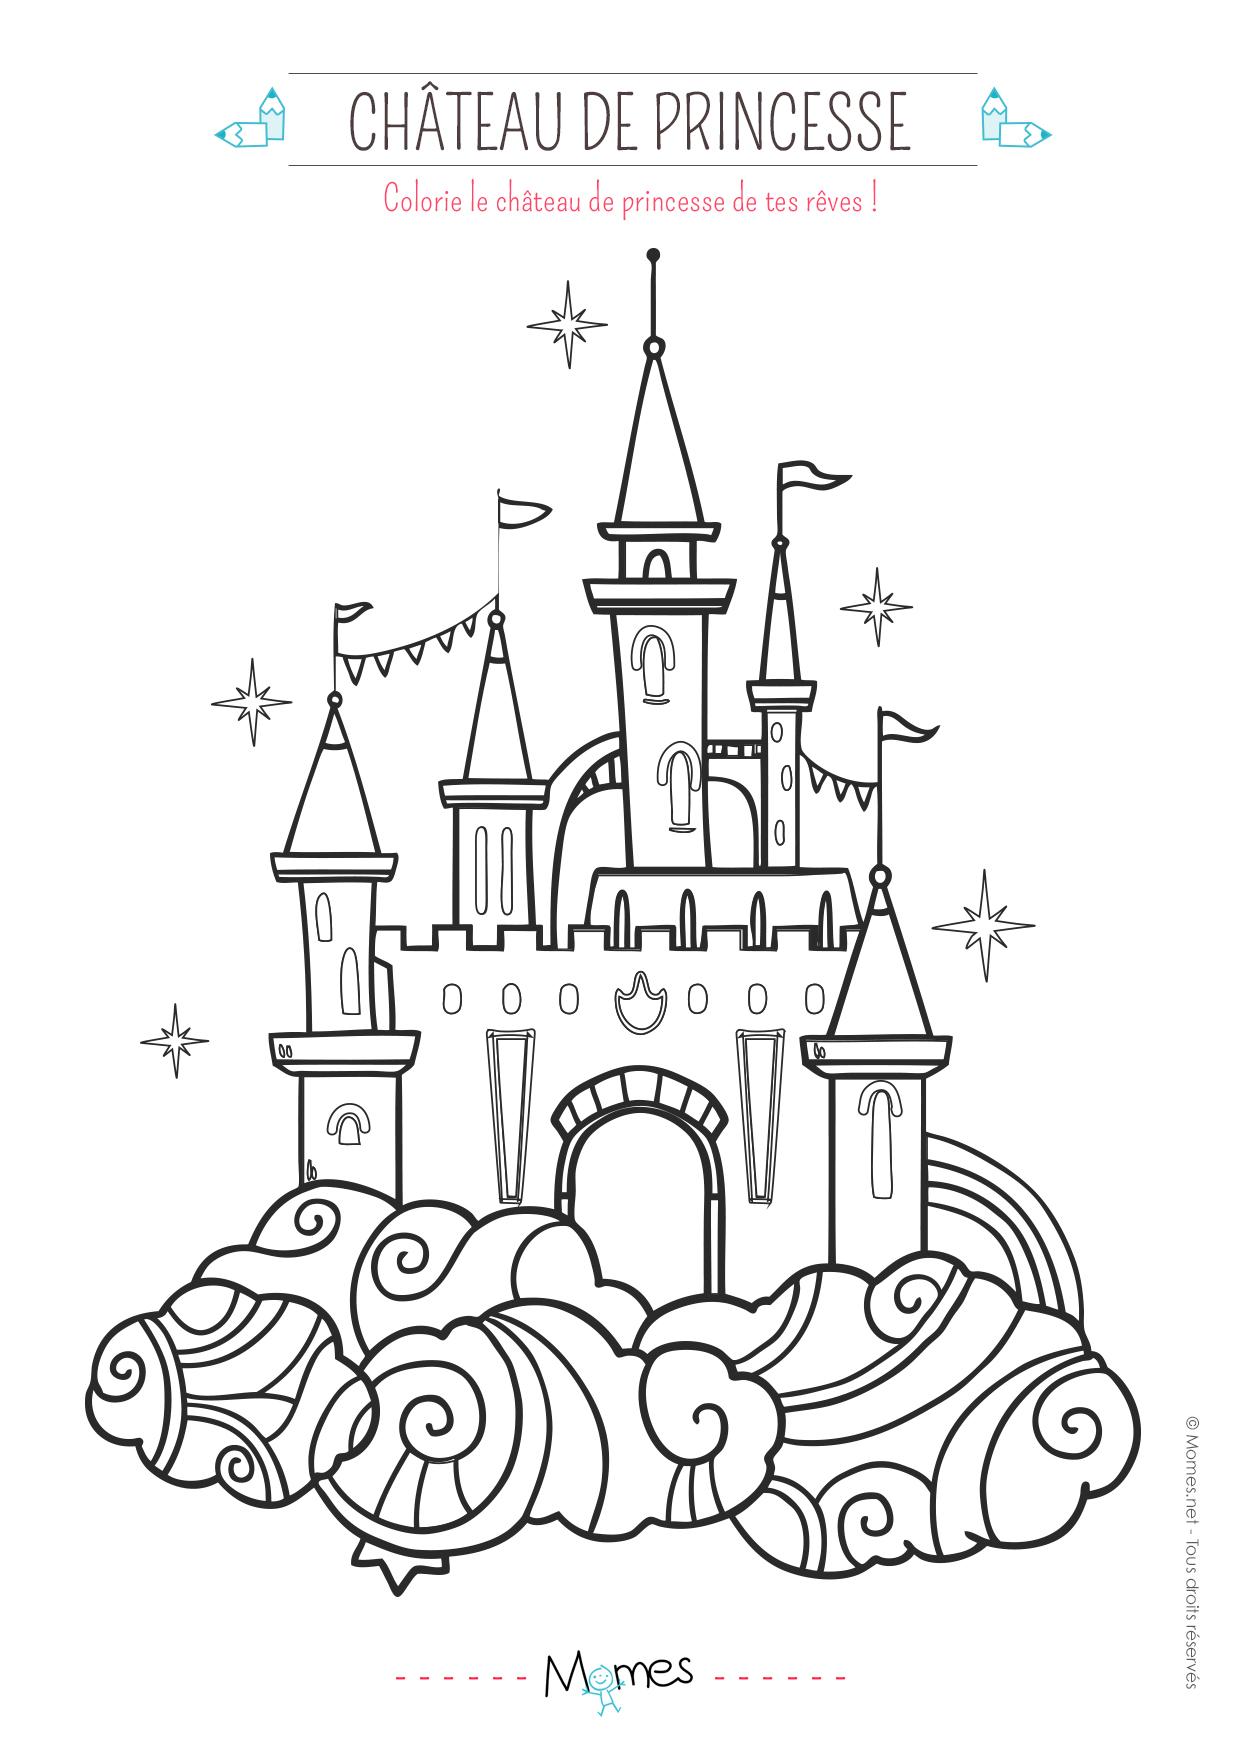 Coloriage le château de princesse   MOMES.net